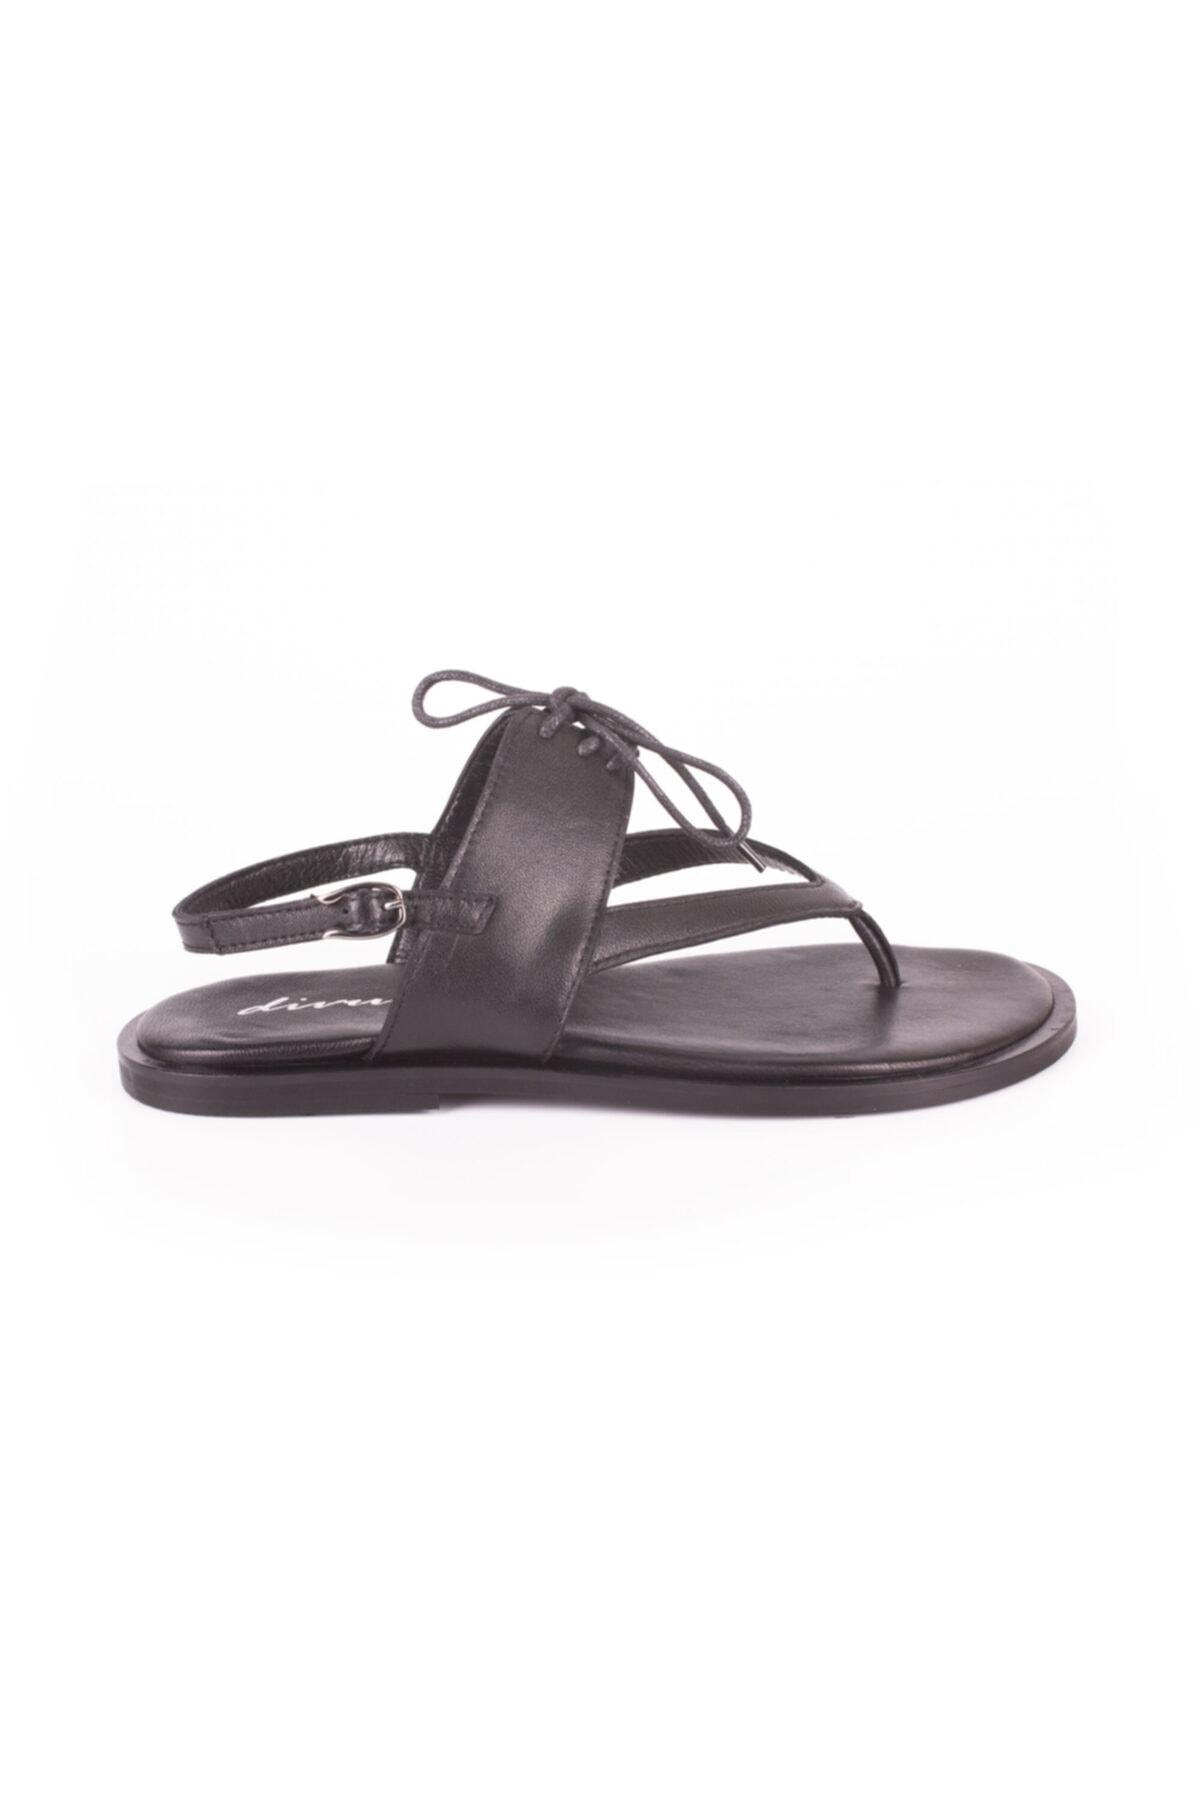 DİVUM Siyah Deri Sandalet 1